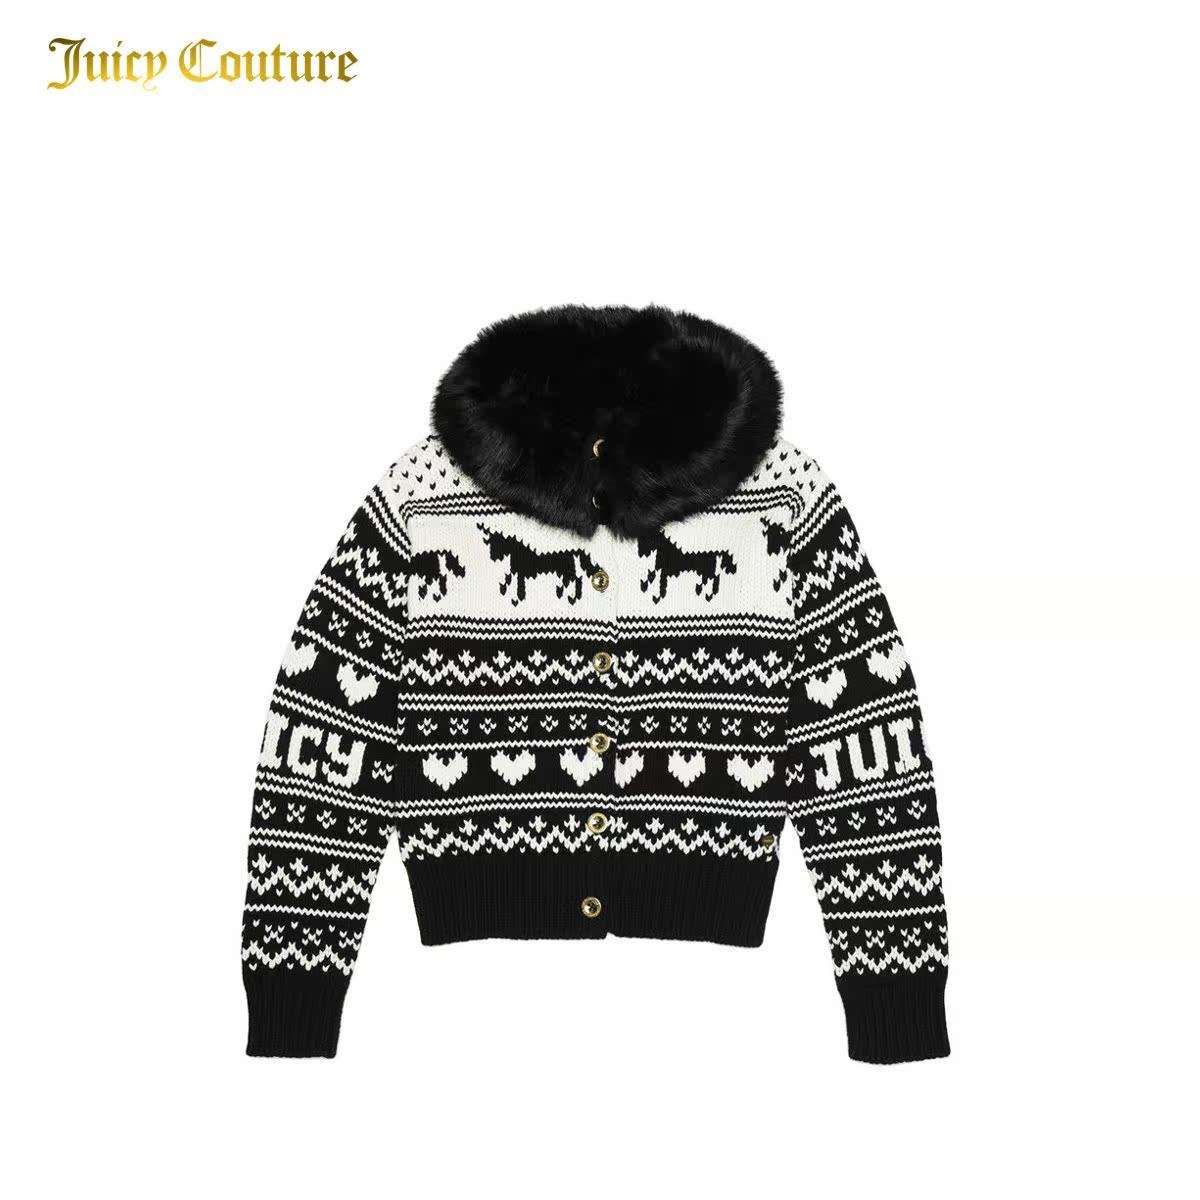 Свитер детский JUICY Couture 1672/3393 1672